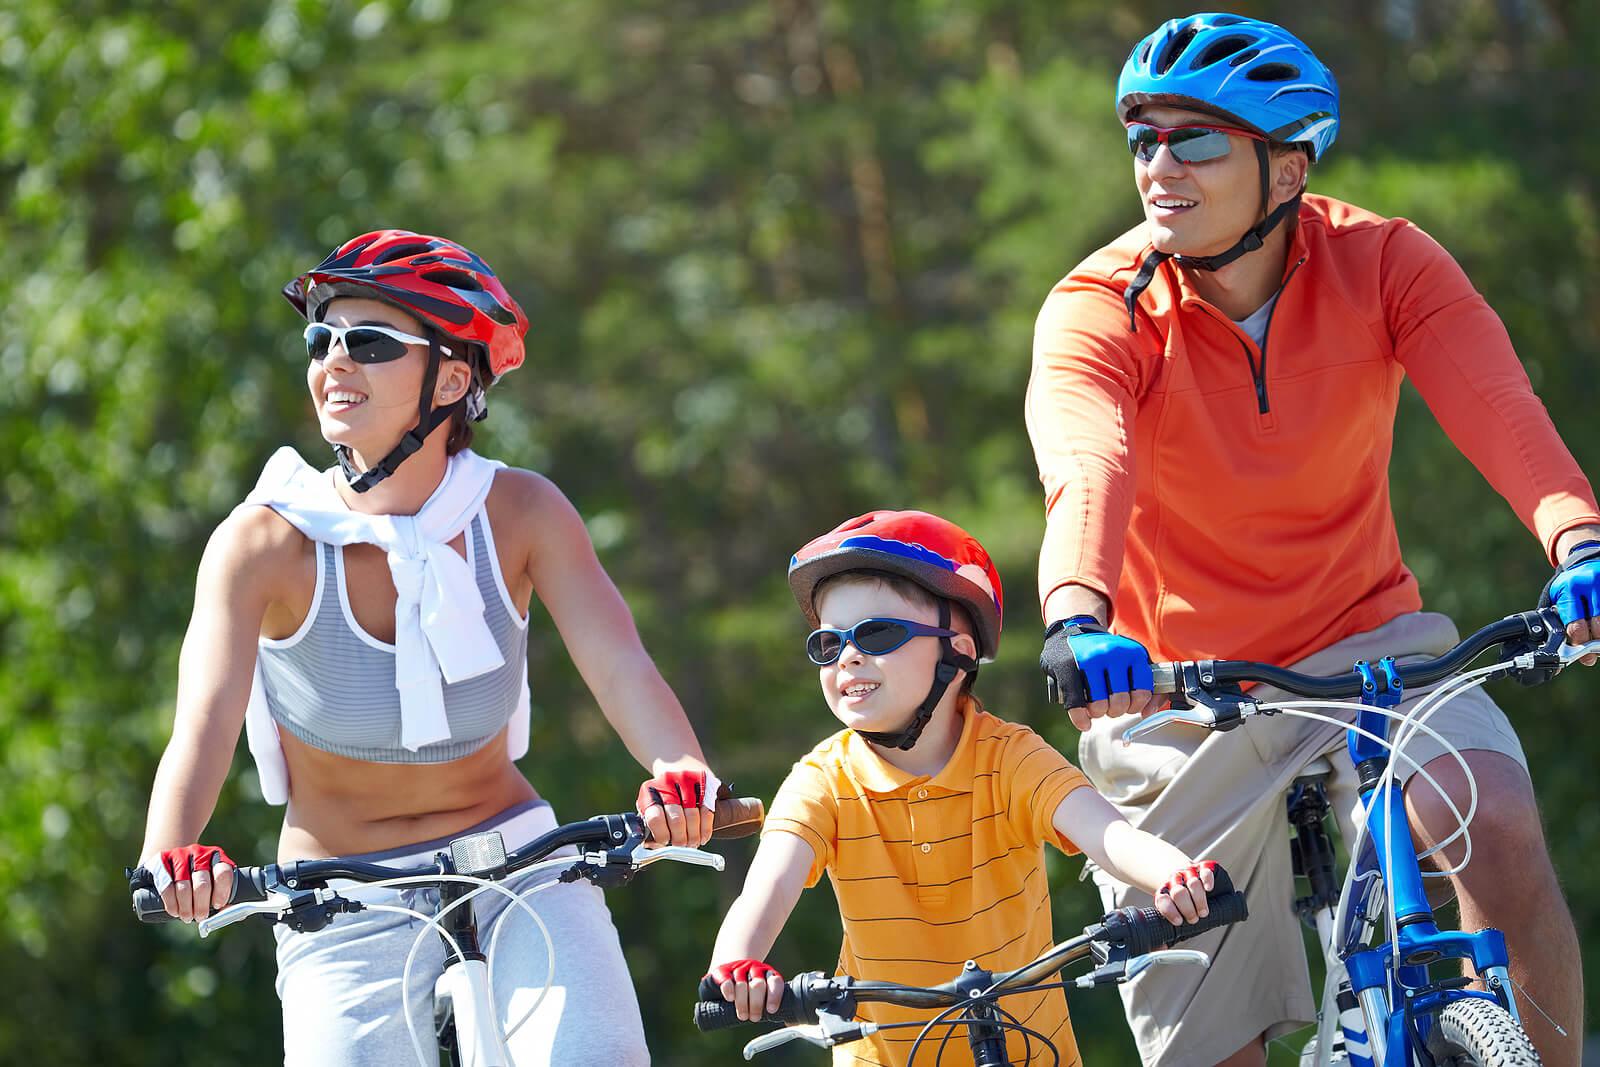 Familia practicando deporte para que los niños estén activos.